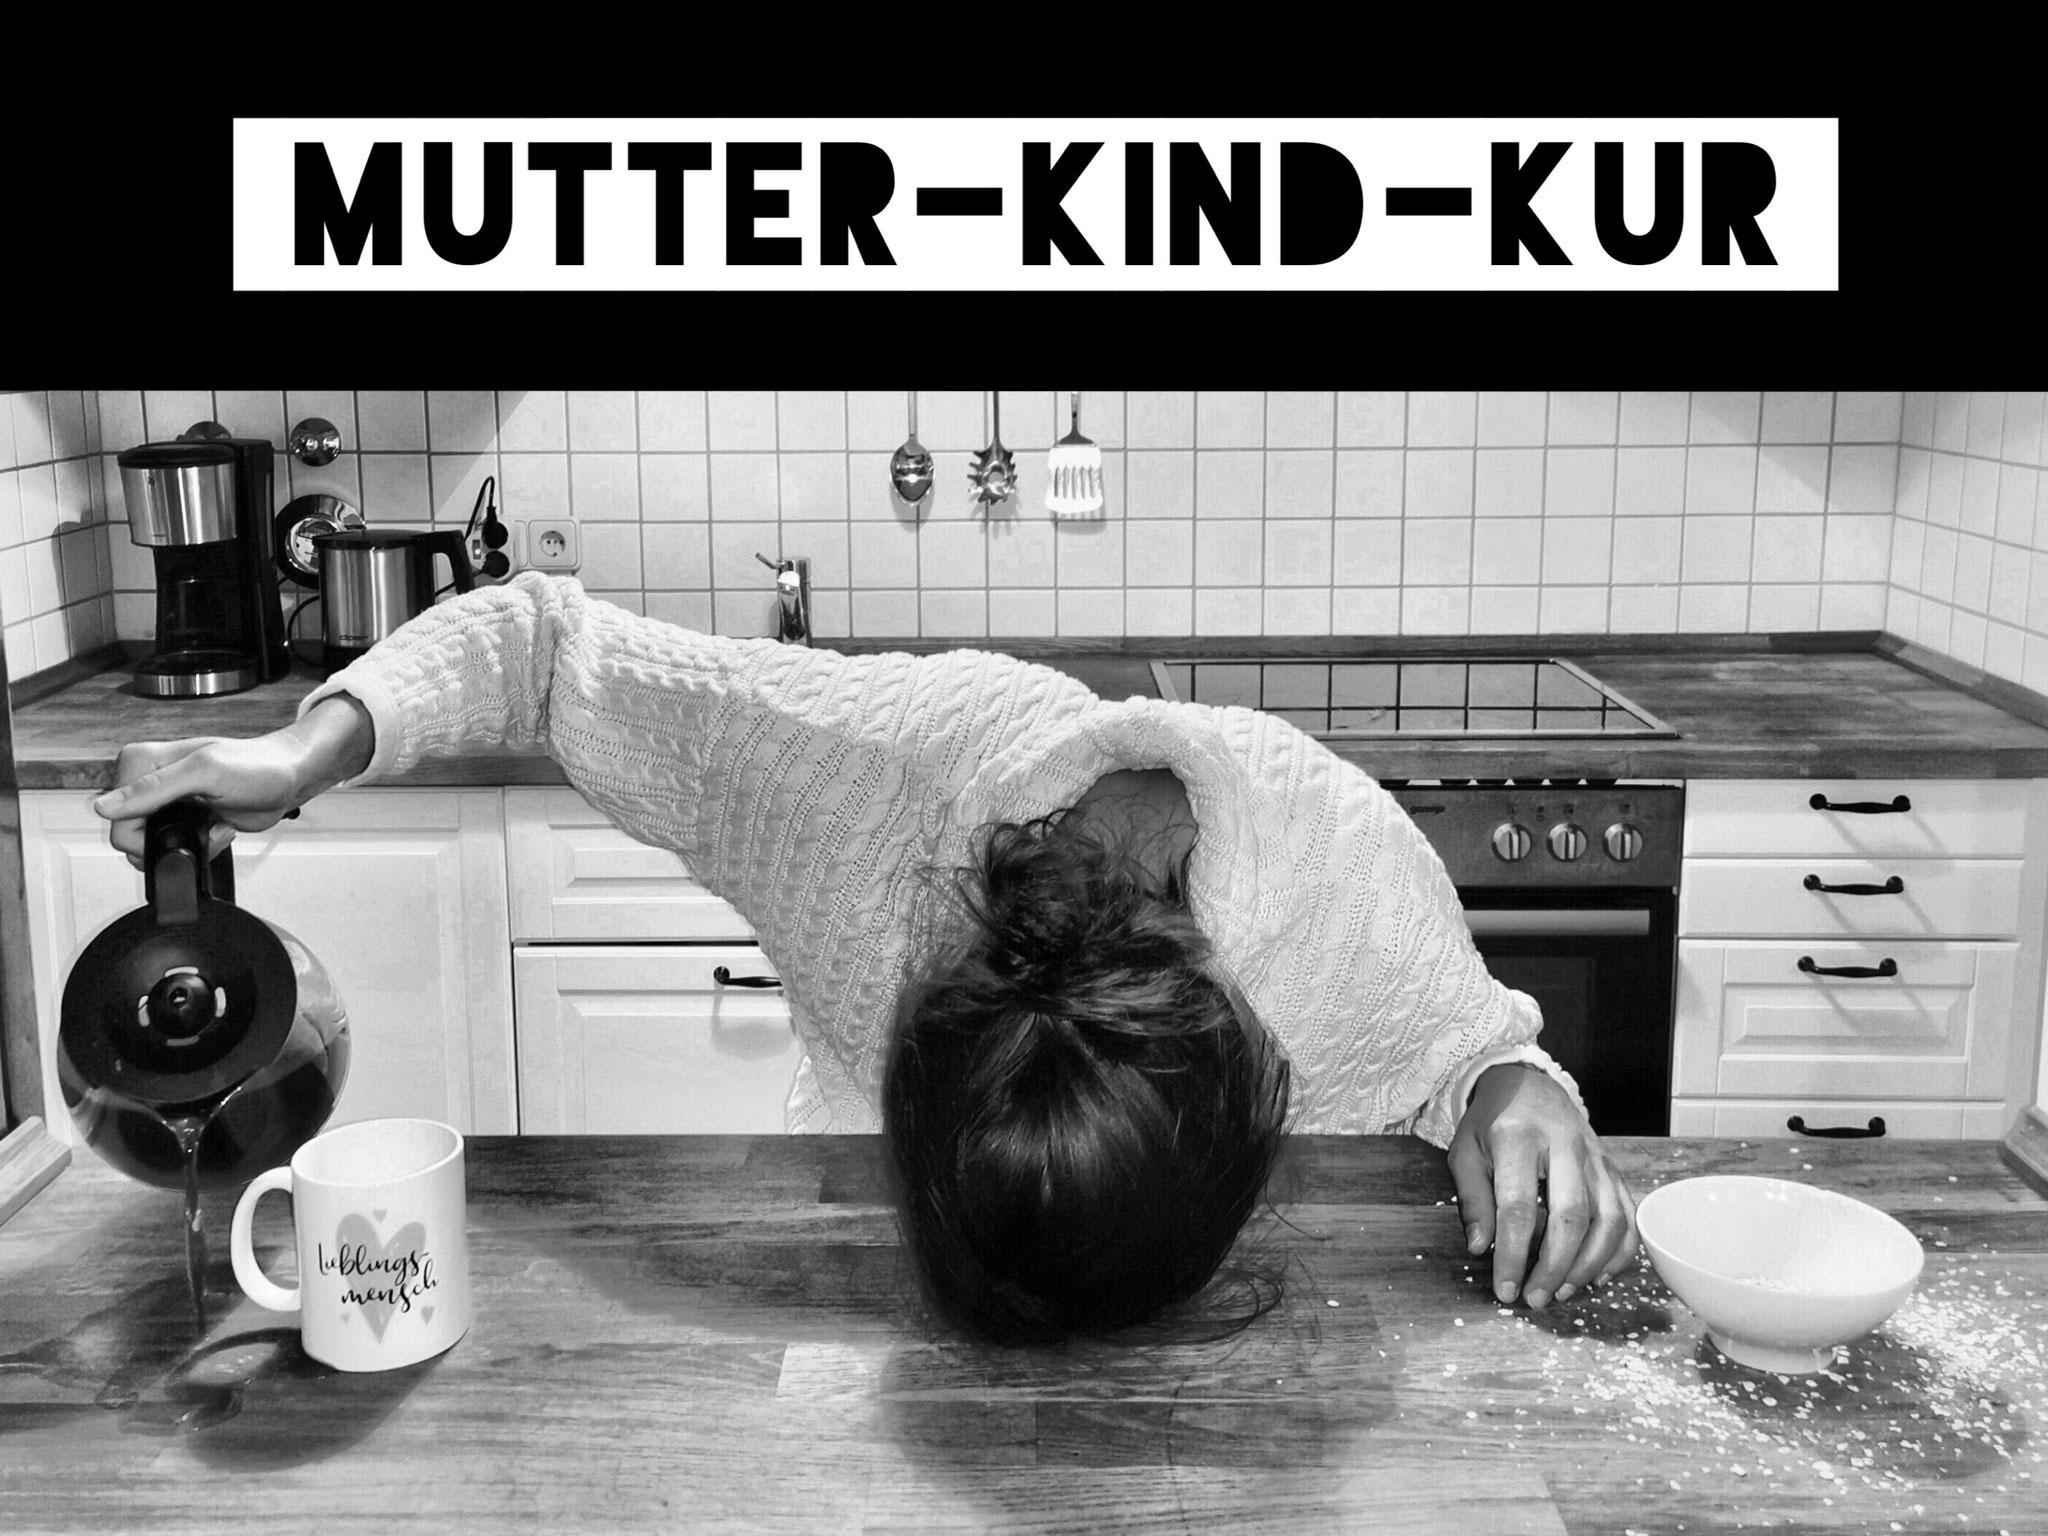 Mutter-Kind-Kur